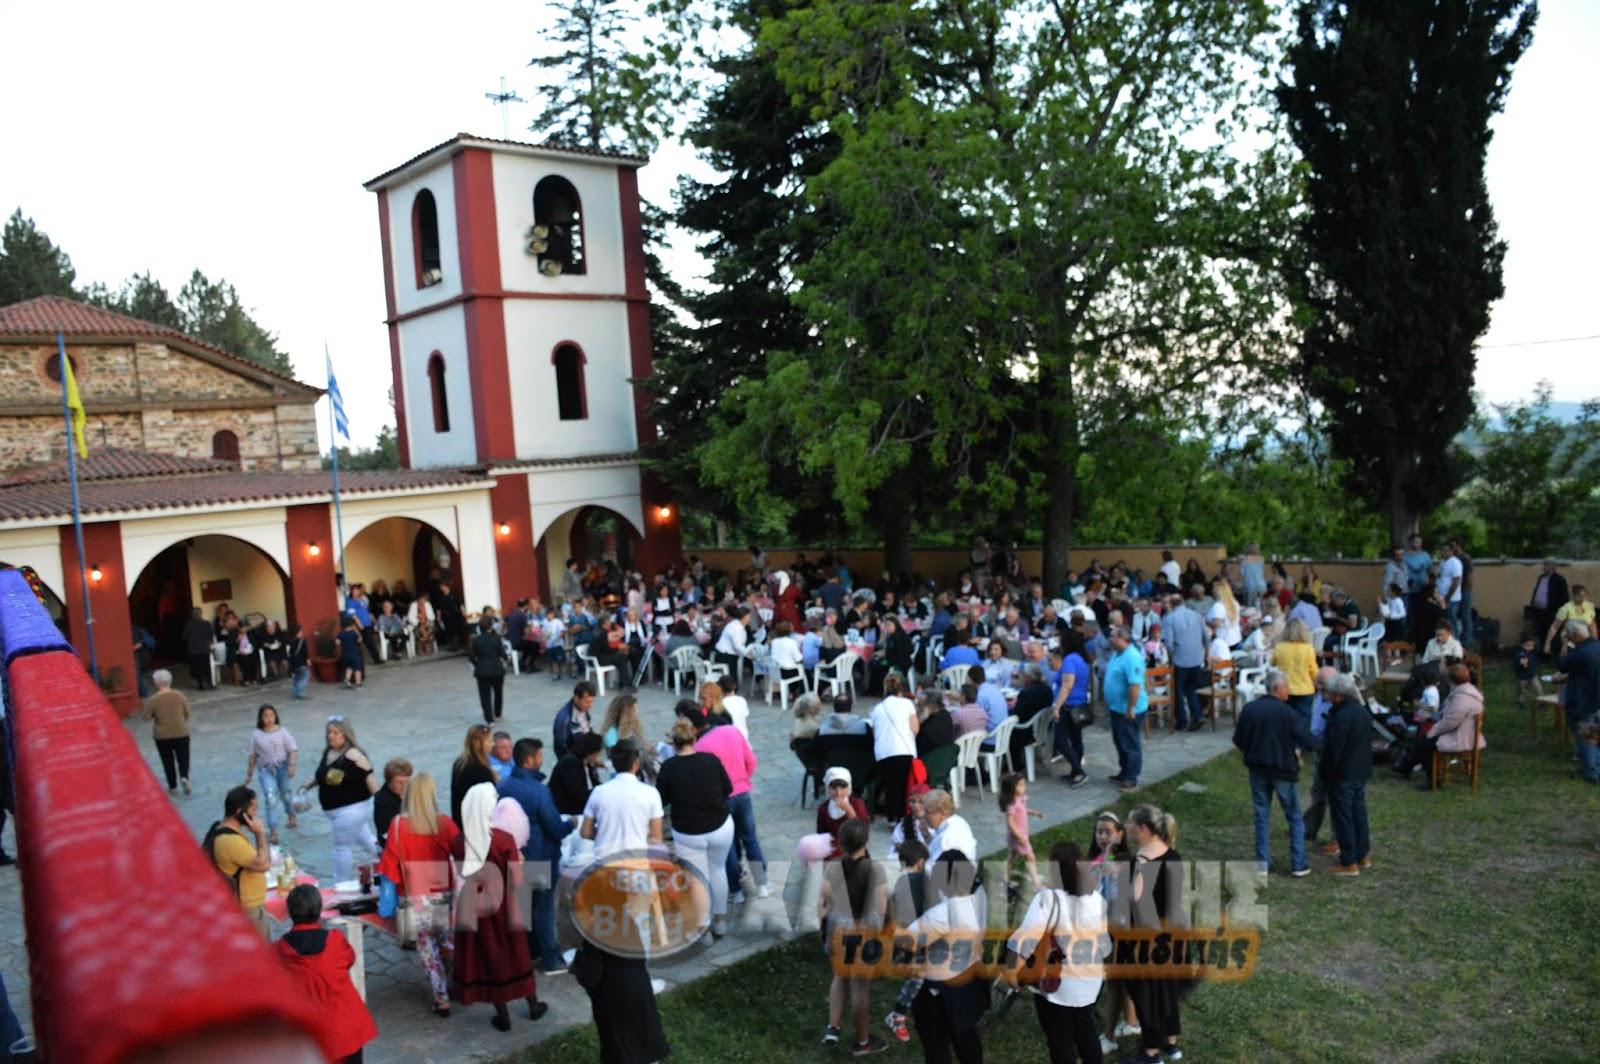 Η γιορτή της μοναστηριακής κουζίνας στην Μεγάλη Παναγία Χαλκιδικής  (Βίντεο)